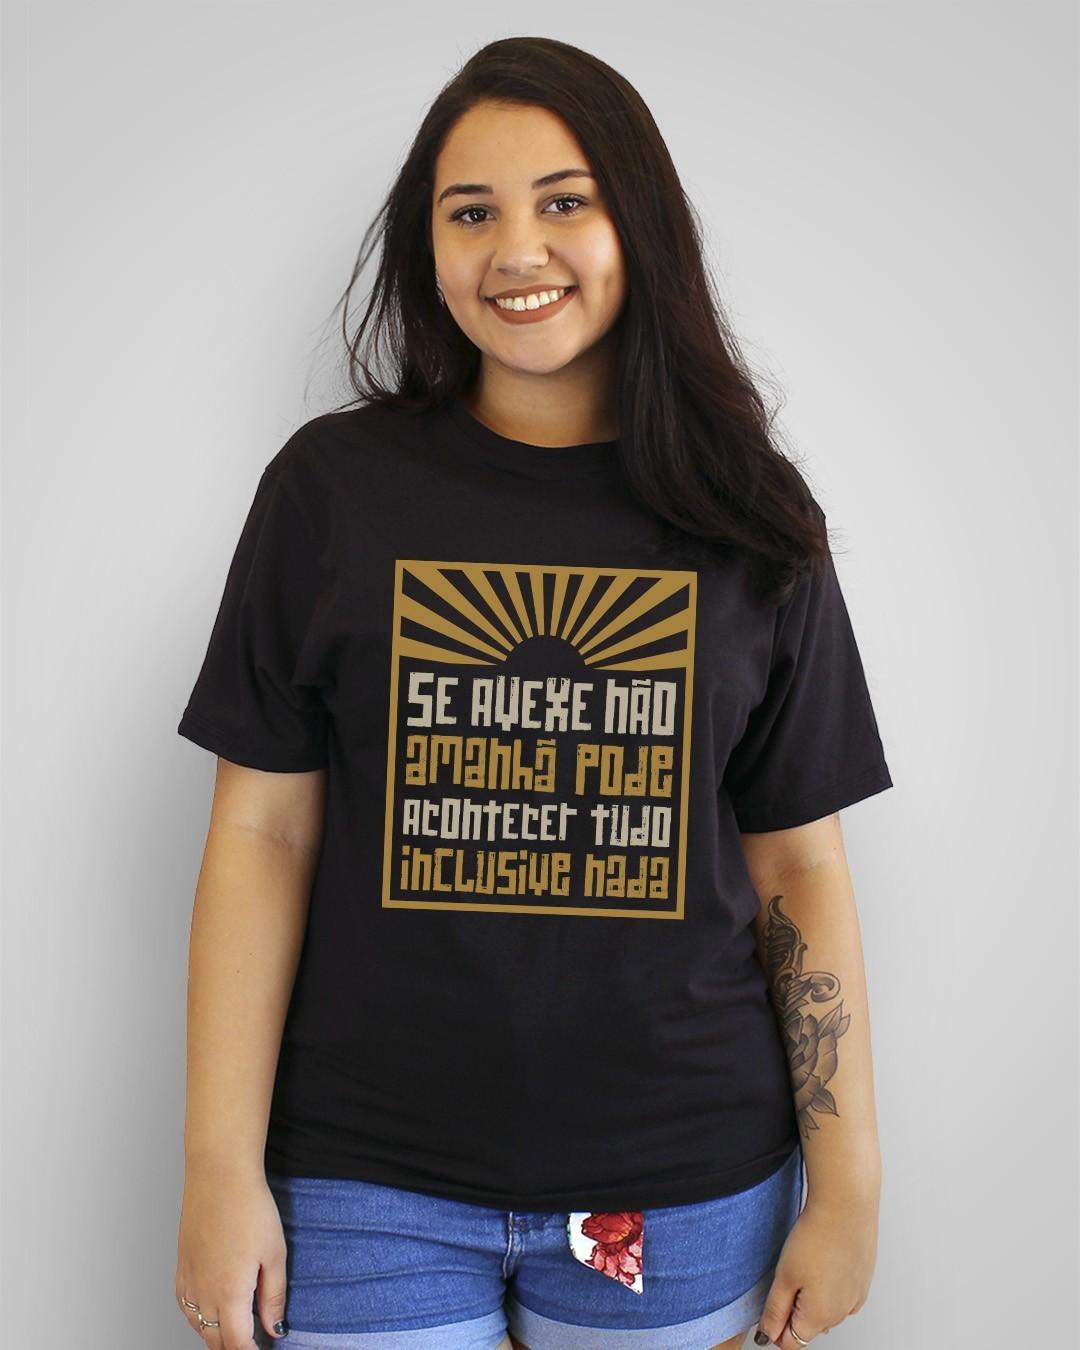 Camiseta Se avexe não, amanhã pode acontecer tudo, inclusive nada - Accioly Neto - Flávio José